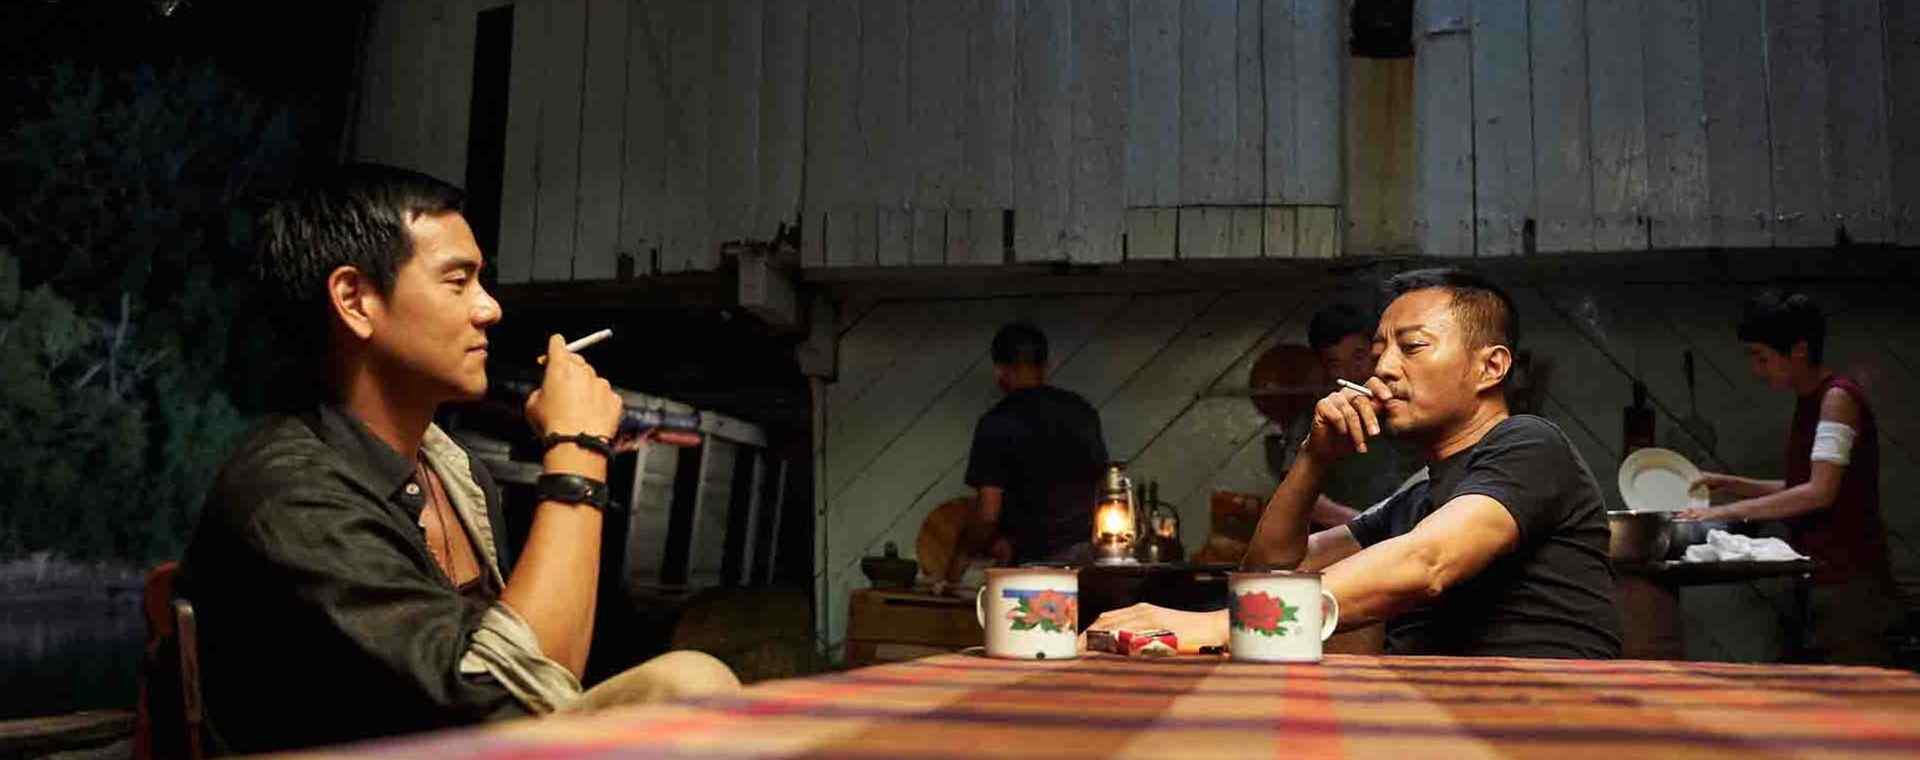 湄公河行动_湄公河行动图片_彭于晏湄公河行动_张涵予湄公河行动